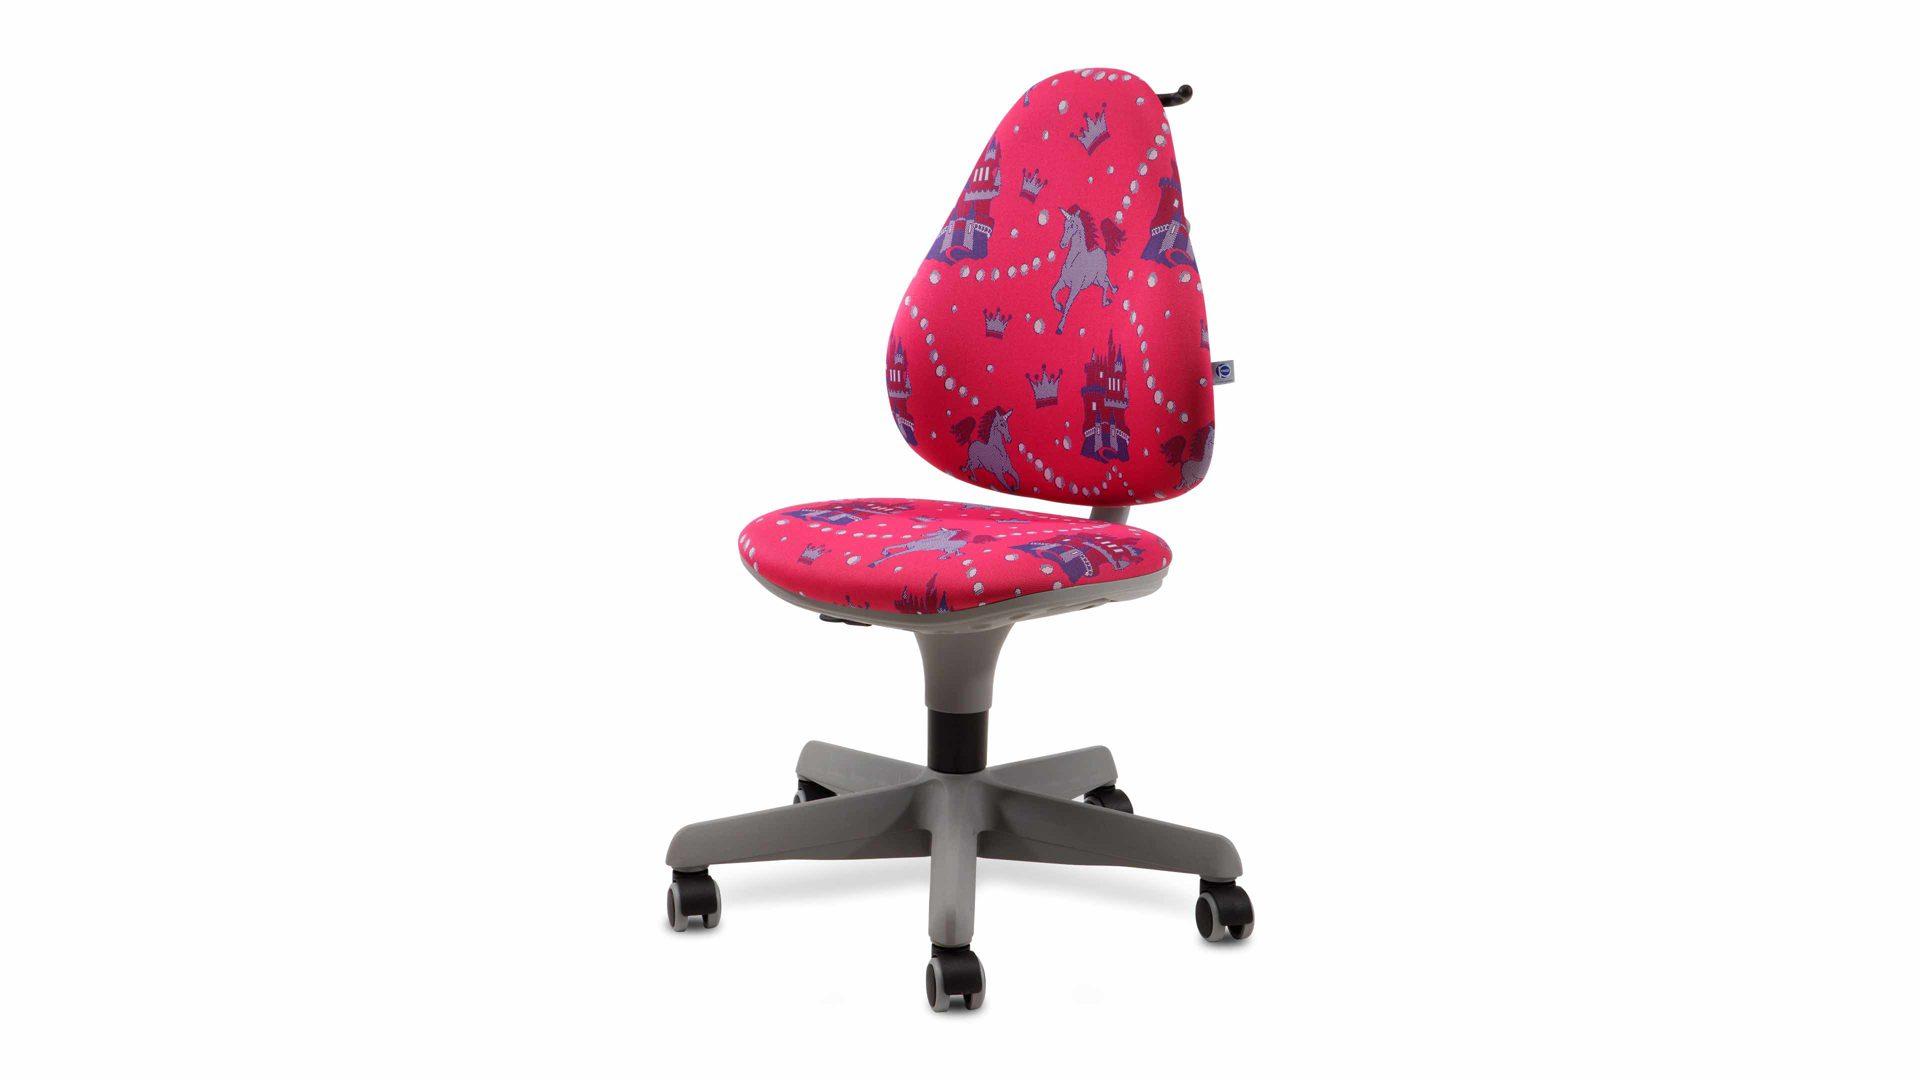 Schreibtischstuhl kinder  Einrichtungspartner Ring | Stühle | PAIDI Schreibtischstuhl Pepe ...